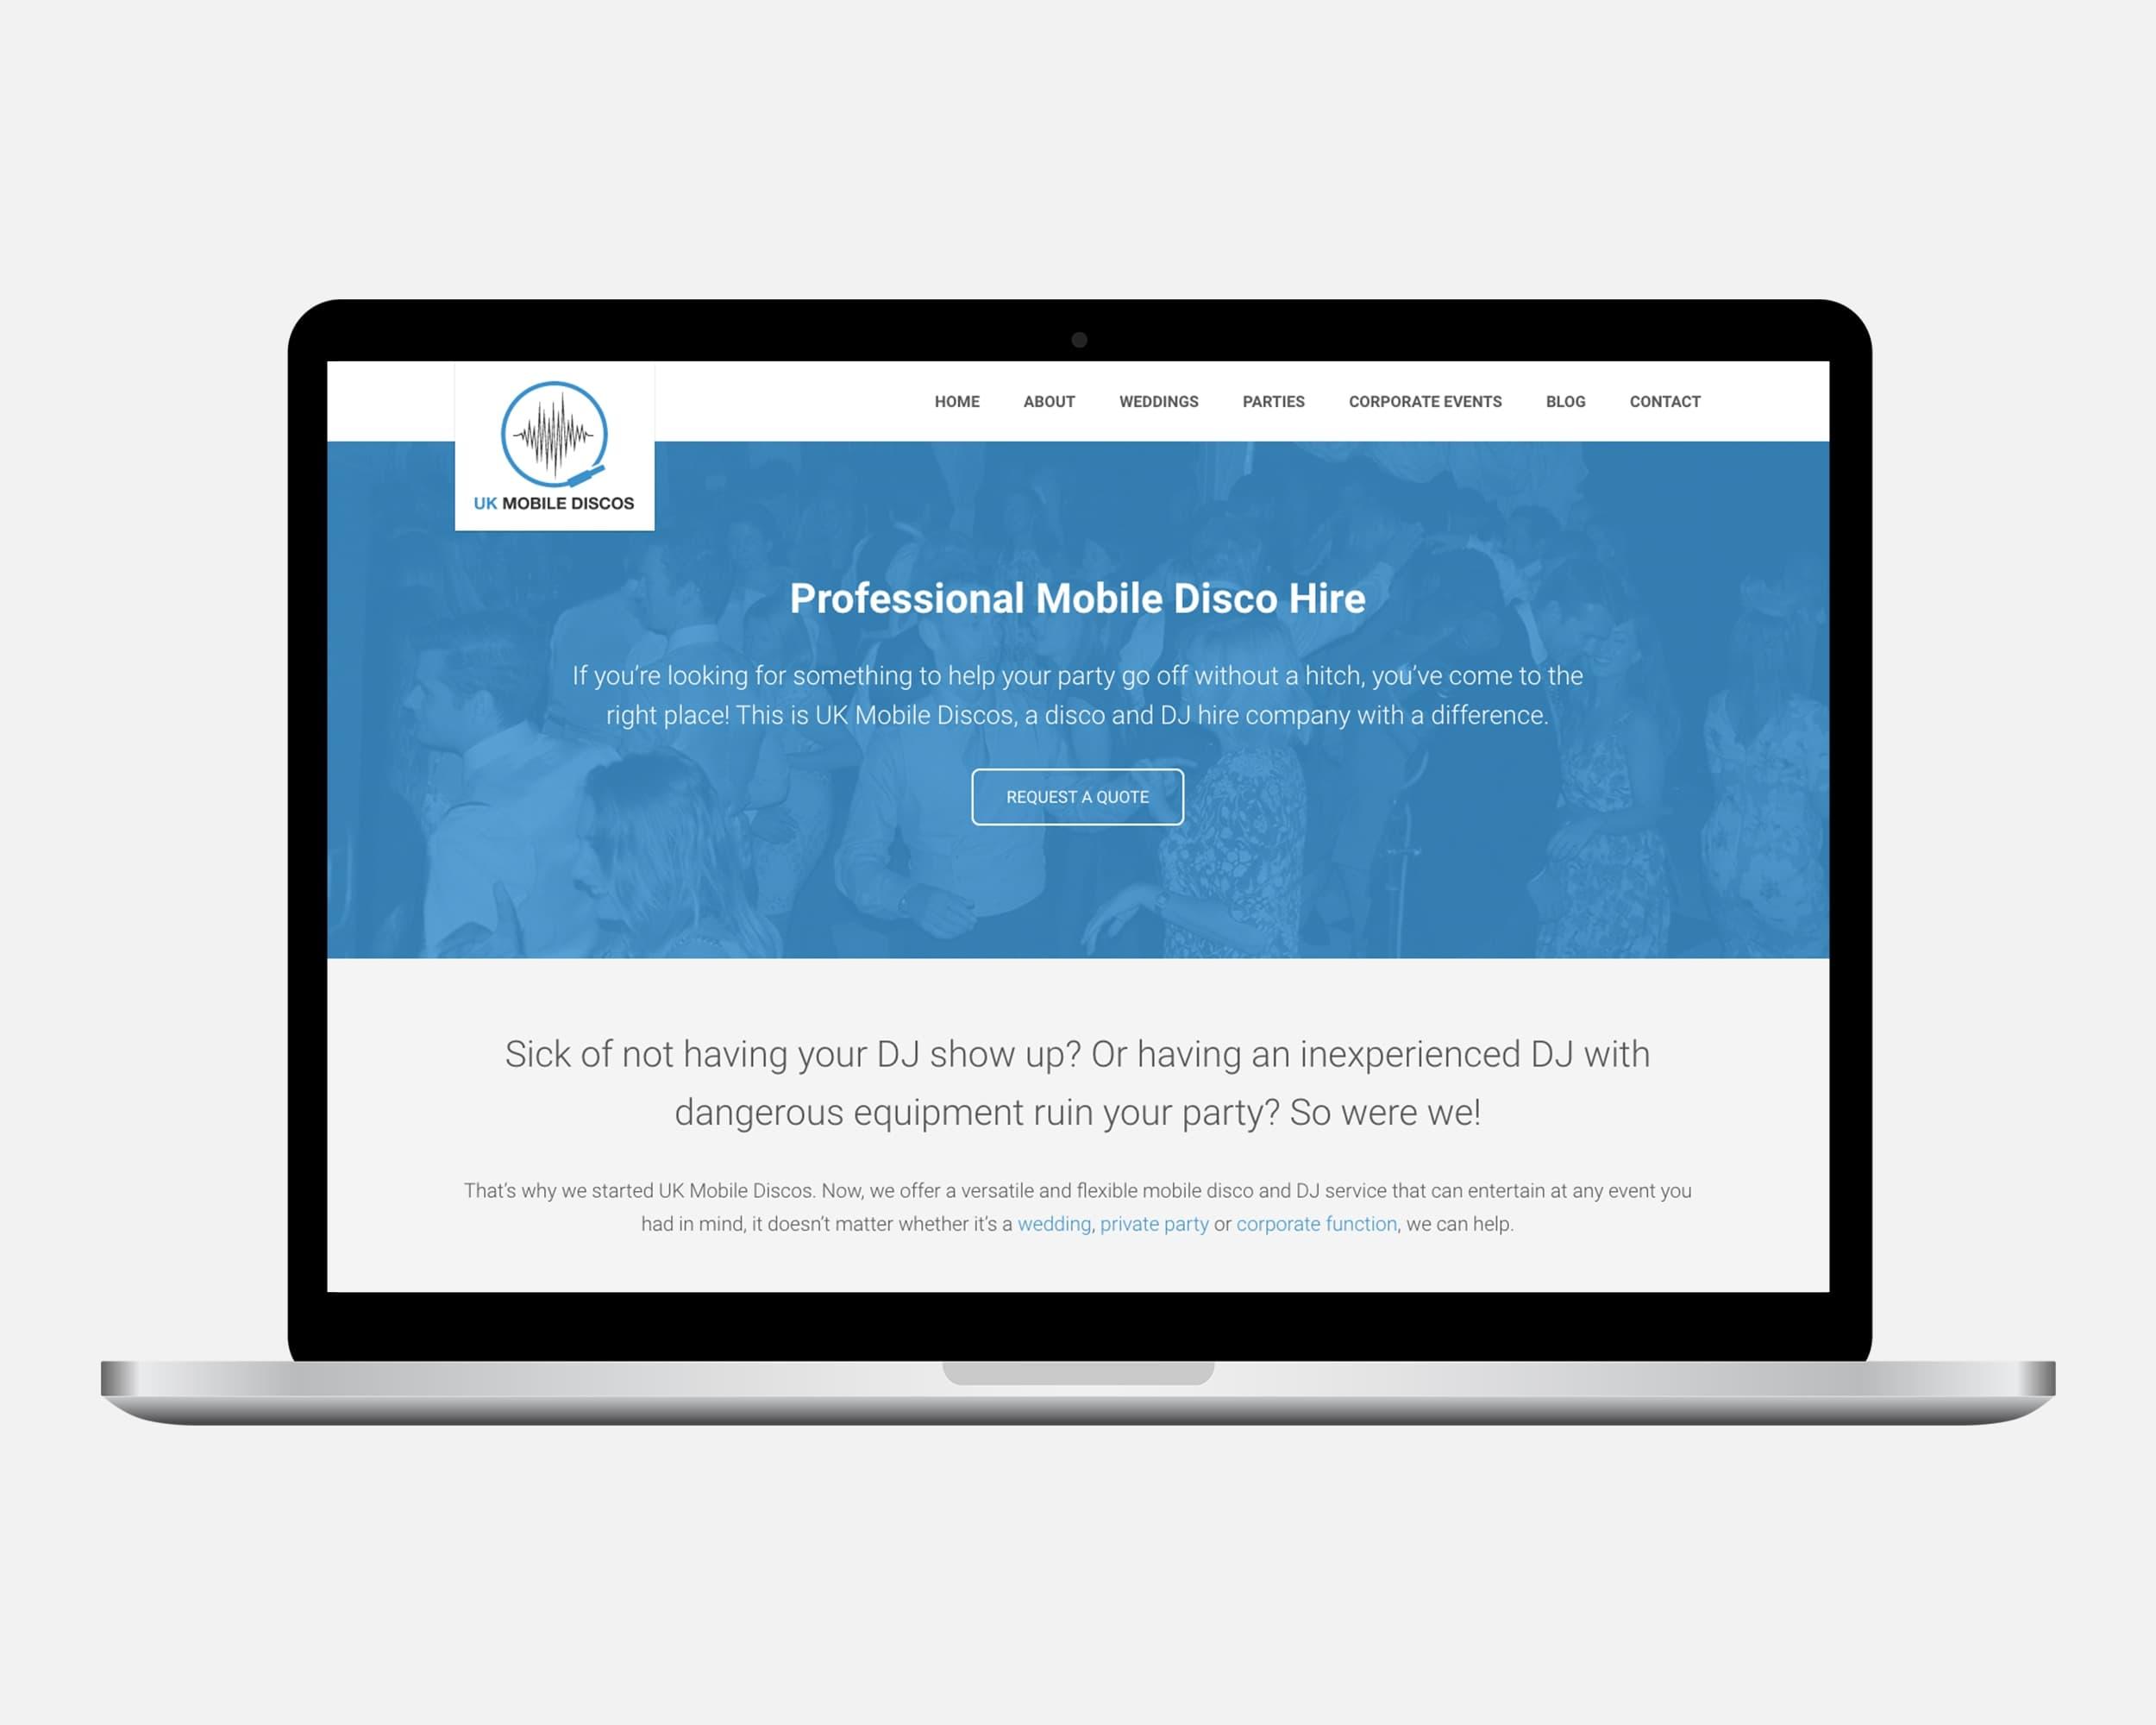 UK Mobile Discos Website Design